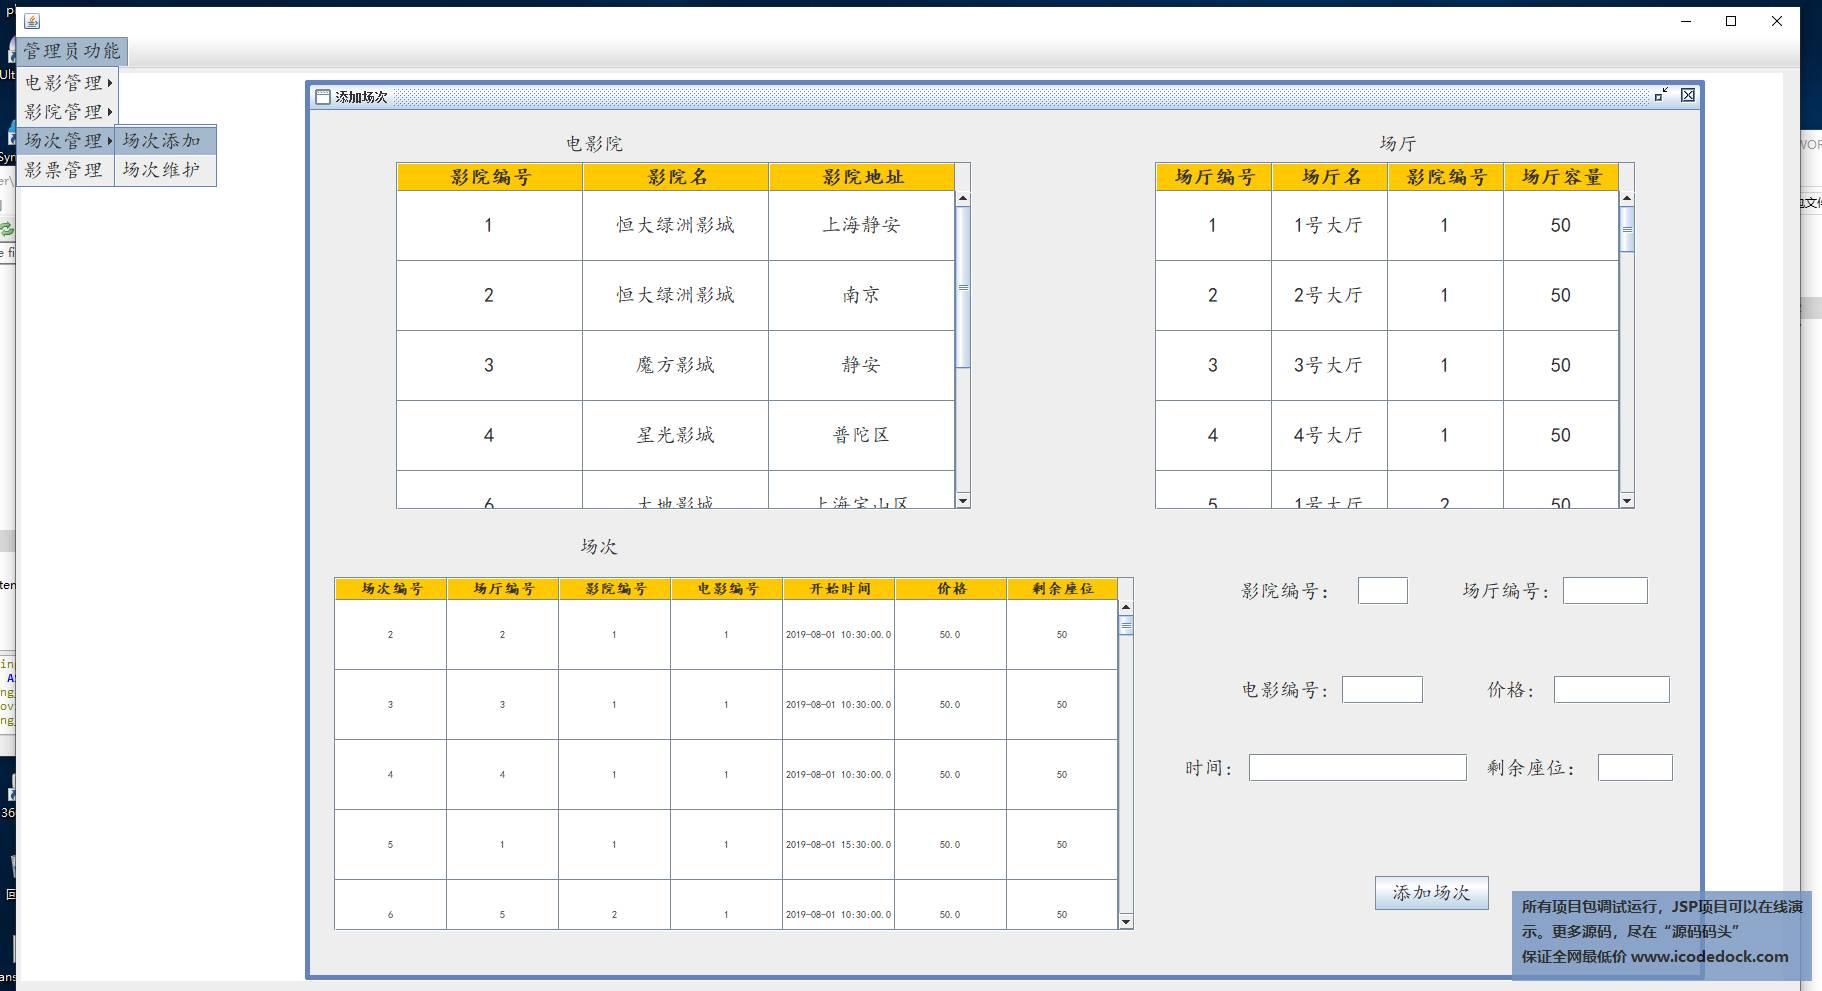 源码码头-电影院售票管理系统-管理员角色-场次添加